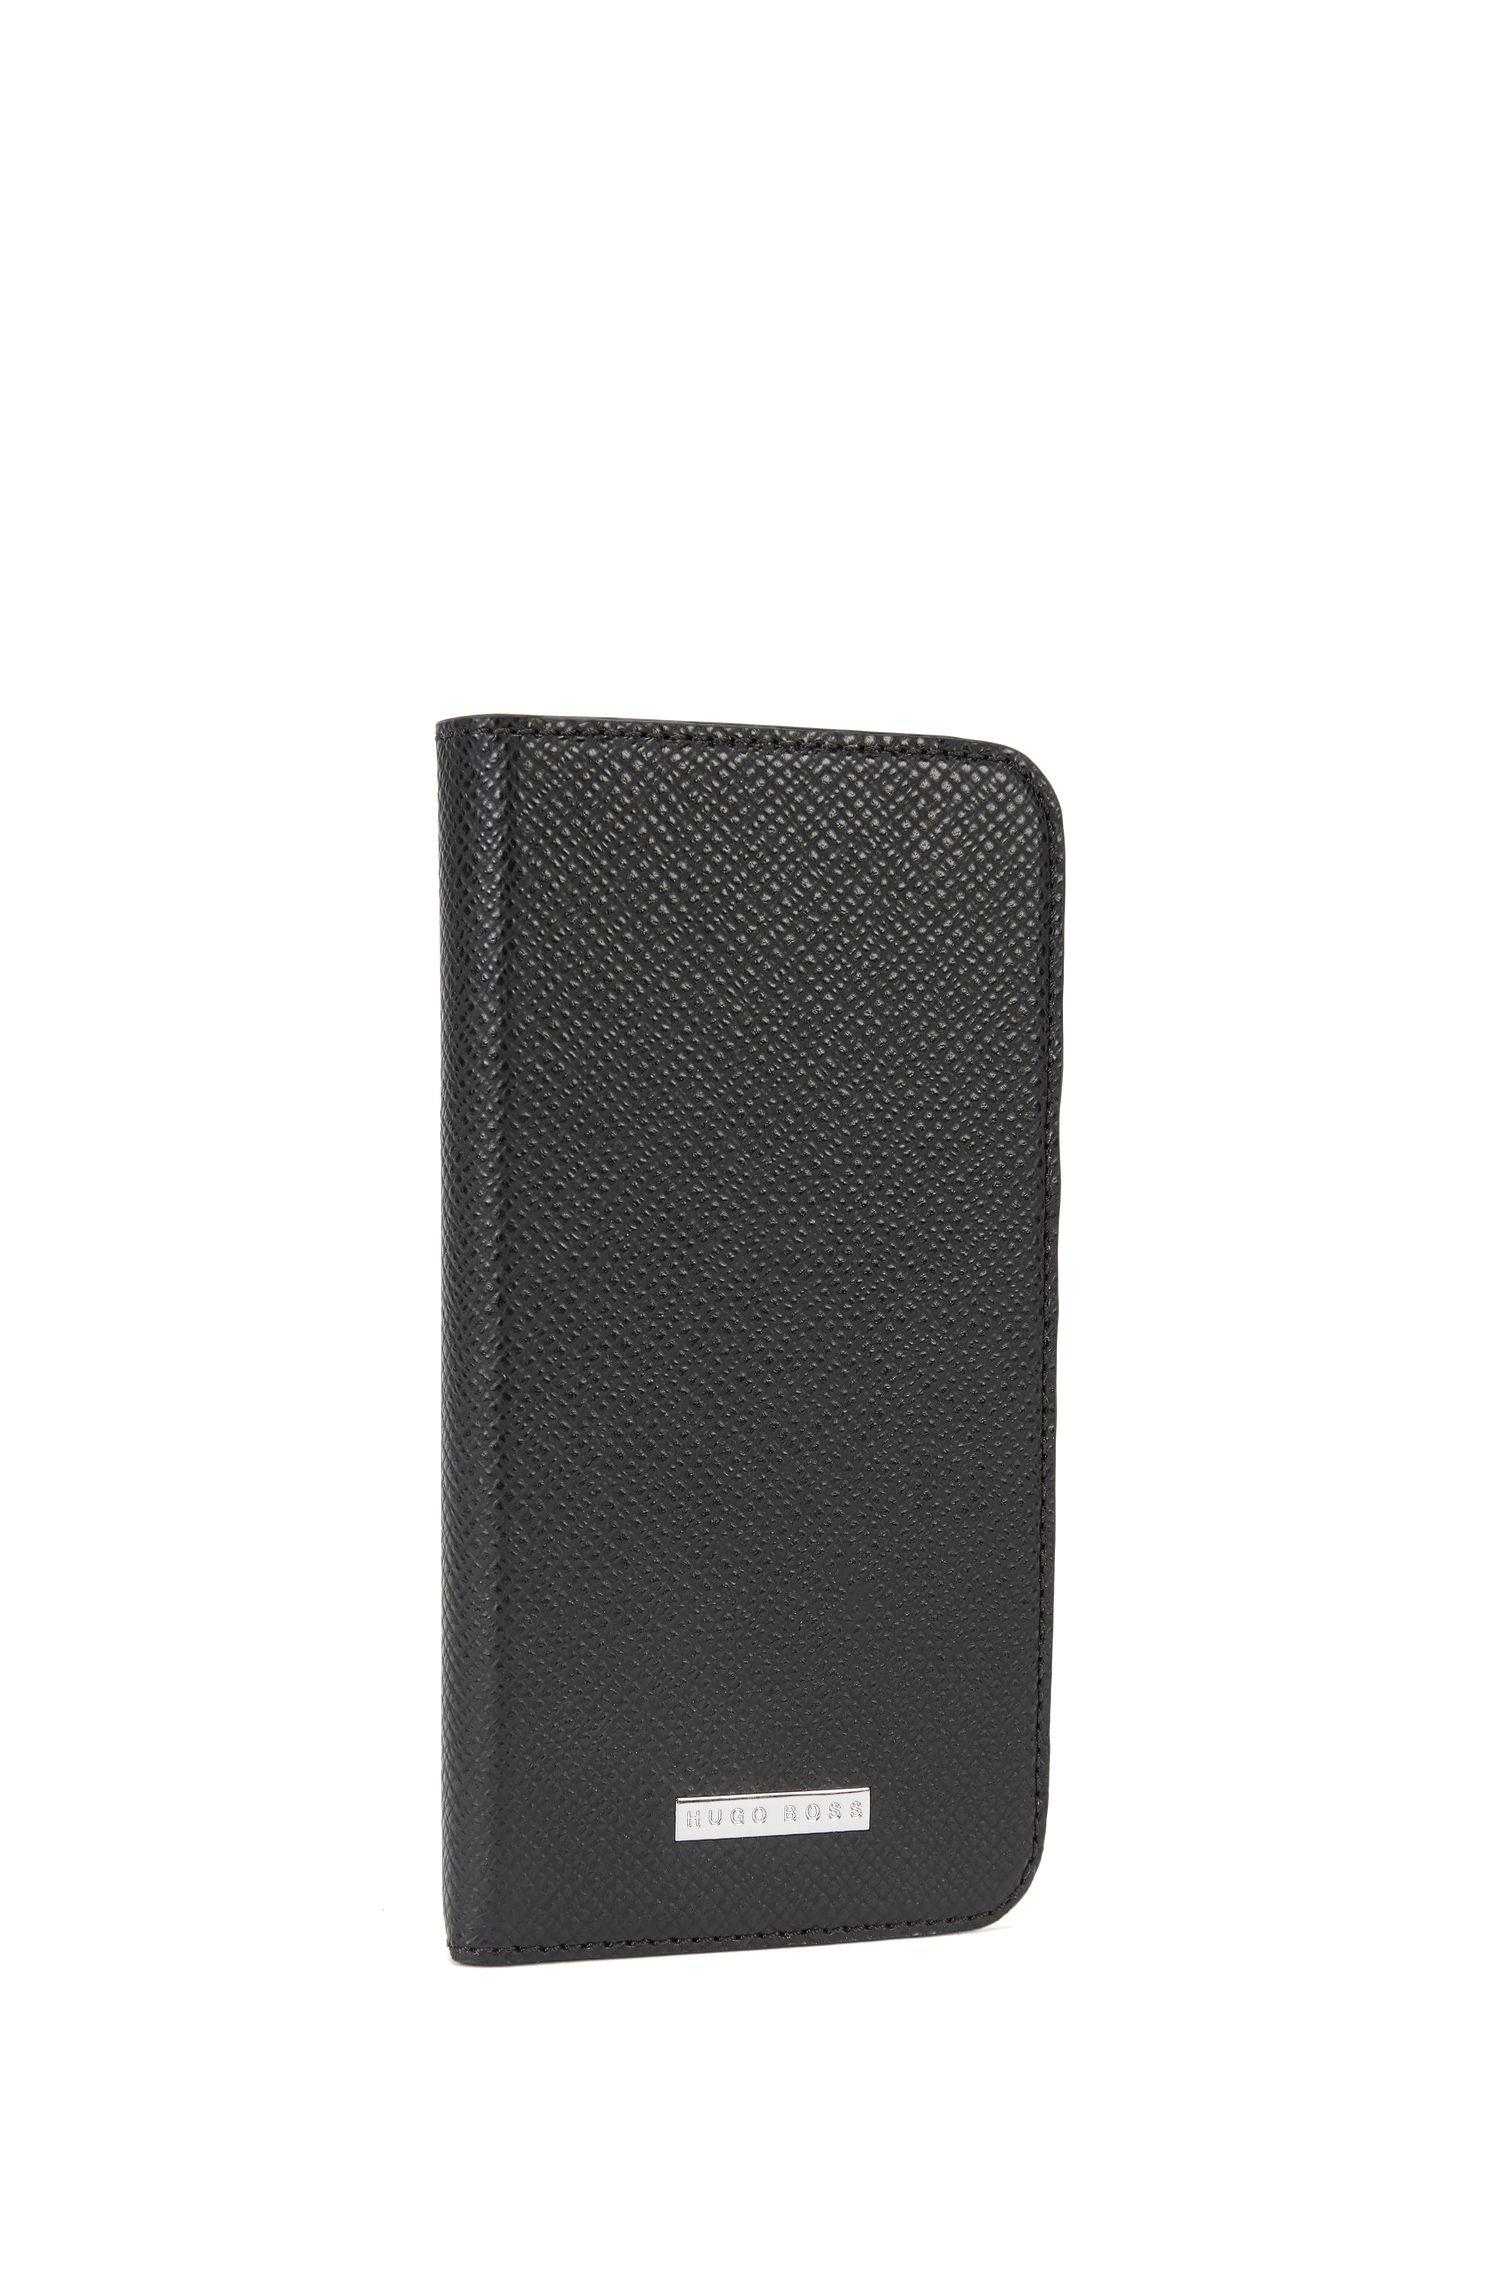 Smartphonehoesje uit de Signature Collection met flap van palmellatoleer